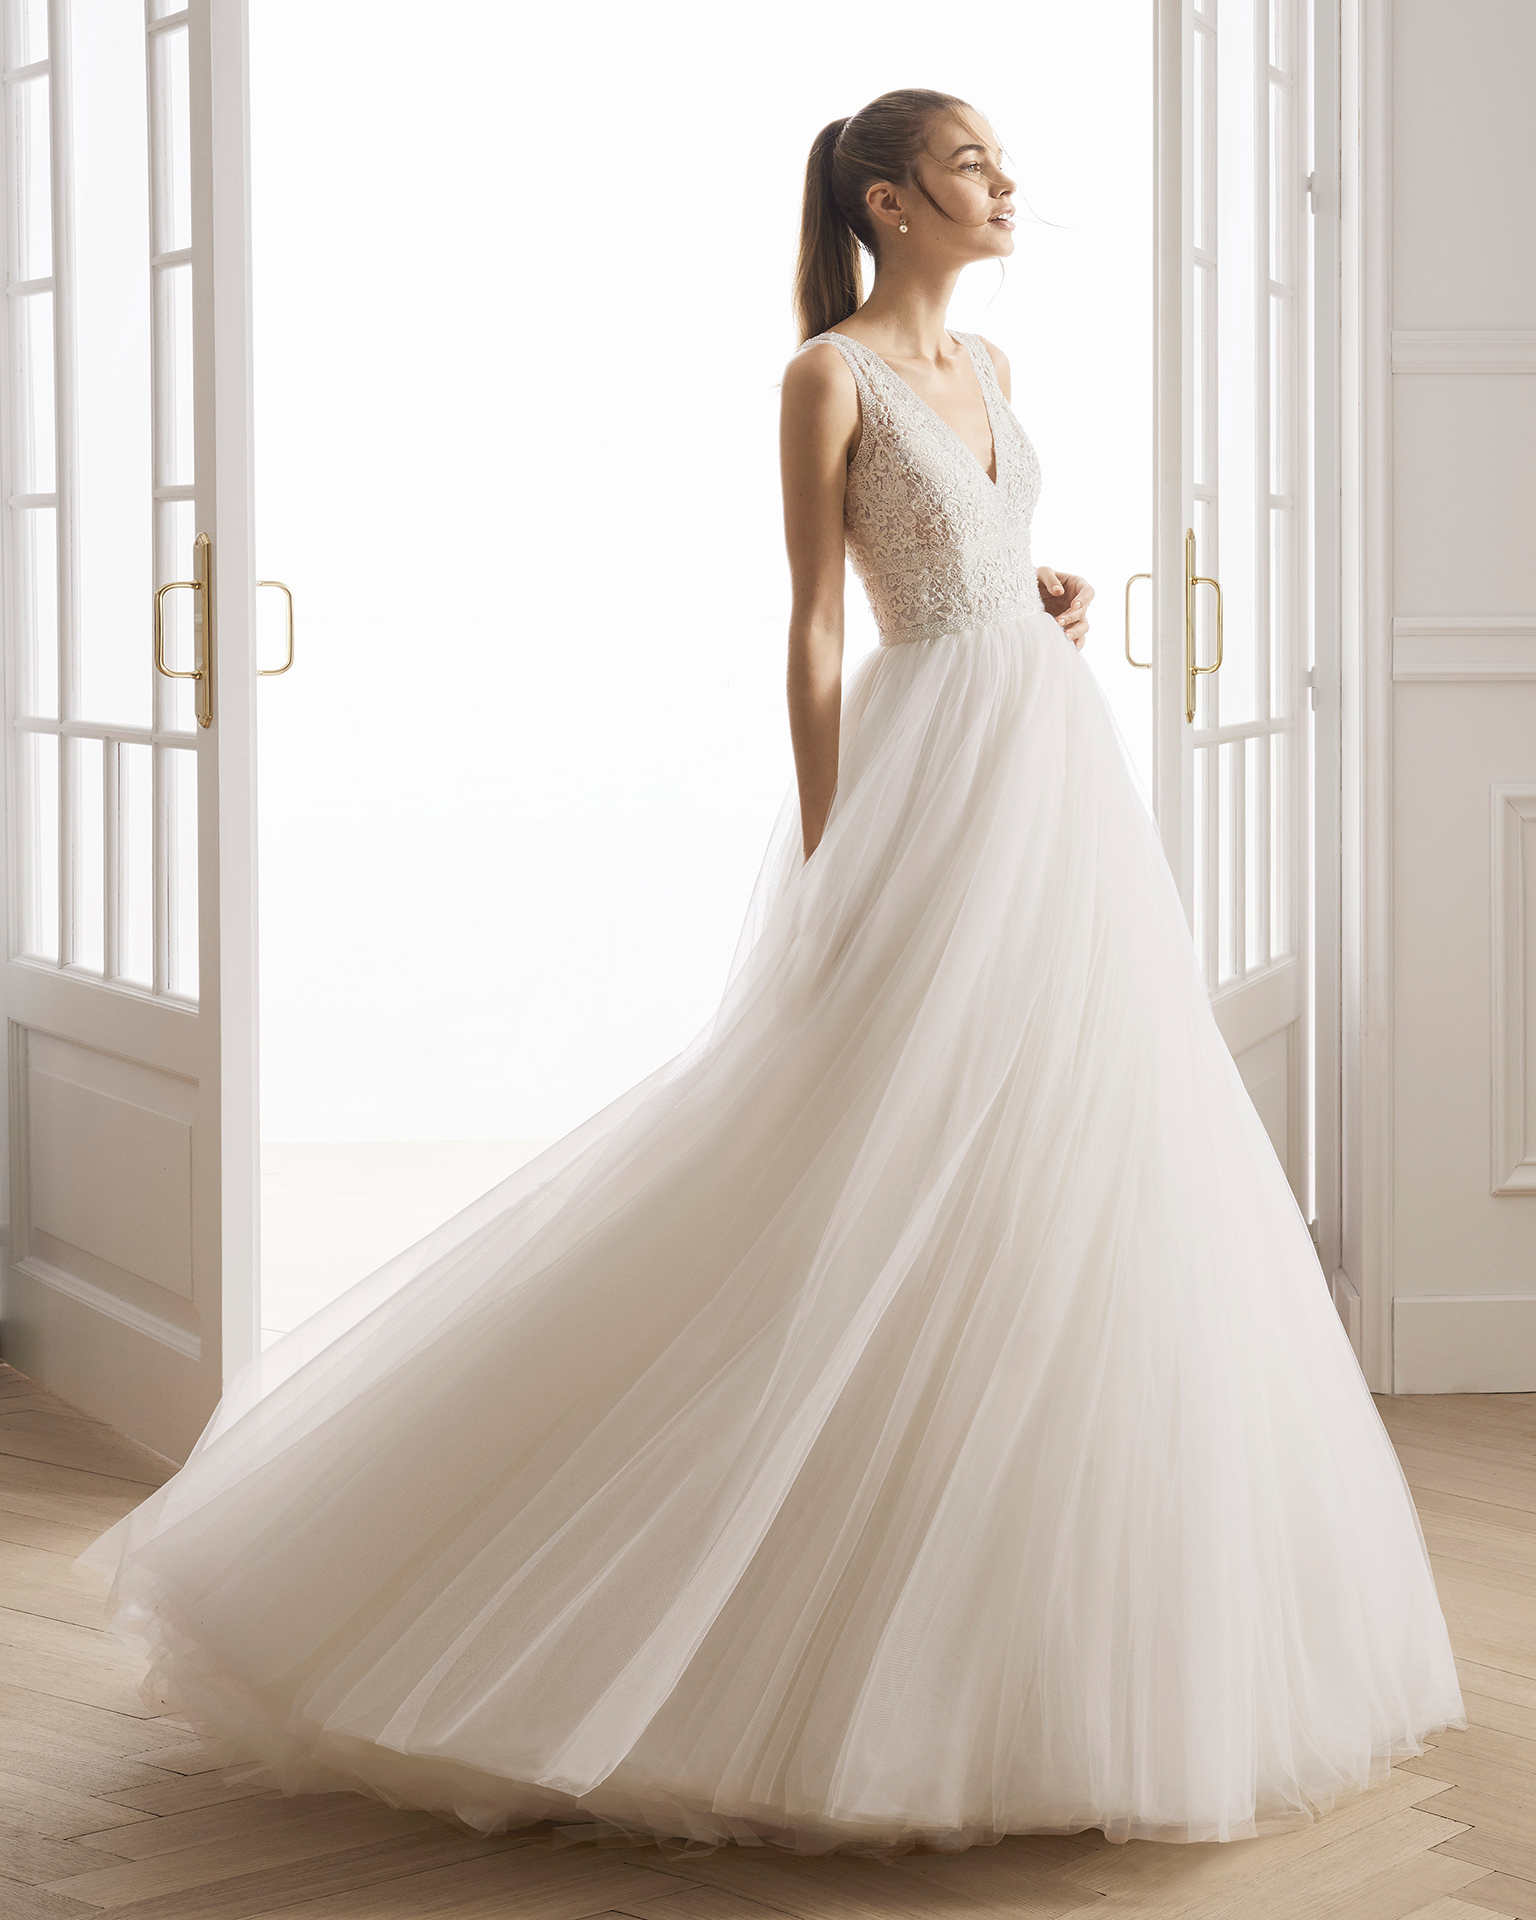 Robe de mariée style princesse en dentelle avec pierreries et tulle. Col en V et décolleté dans le dos. Disponible en couleur ivoire. Collection AIRE BARCELONA 2019.